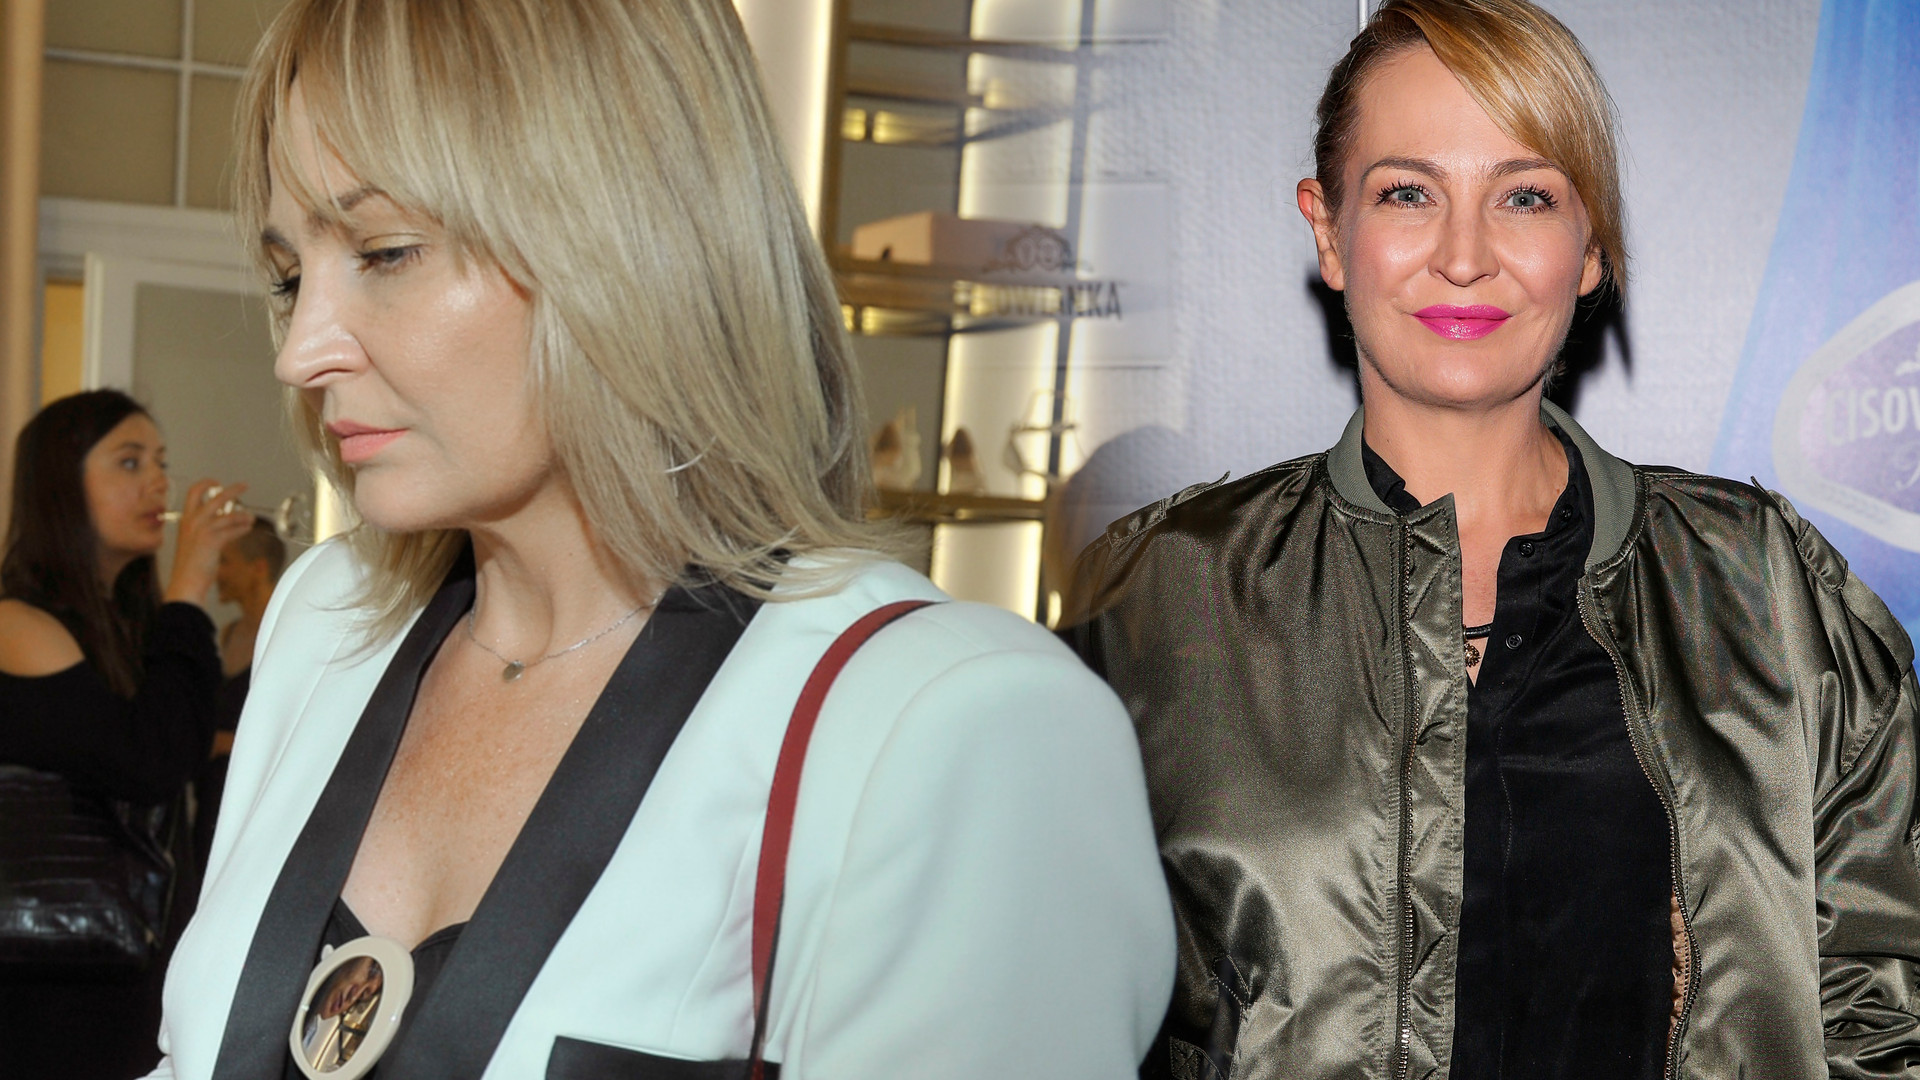 Gwiazda TVN, Anna Puślecka ma raka – opowiedziała, jak dowiedziała się o chorobie i dlaczego się jej wstydziła